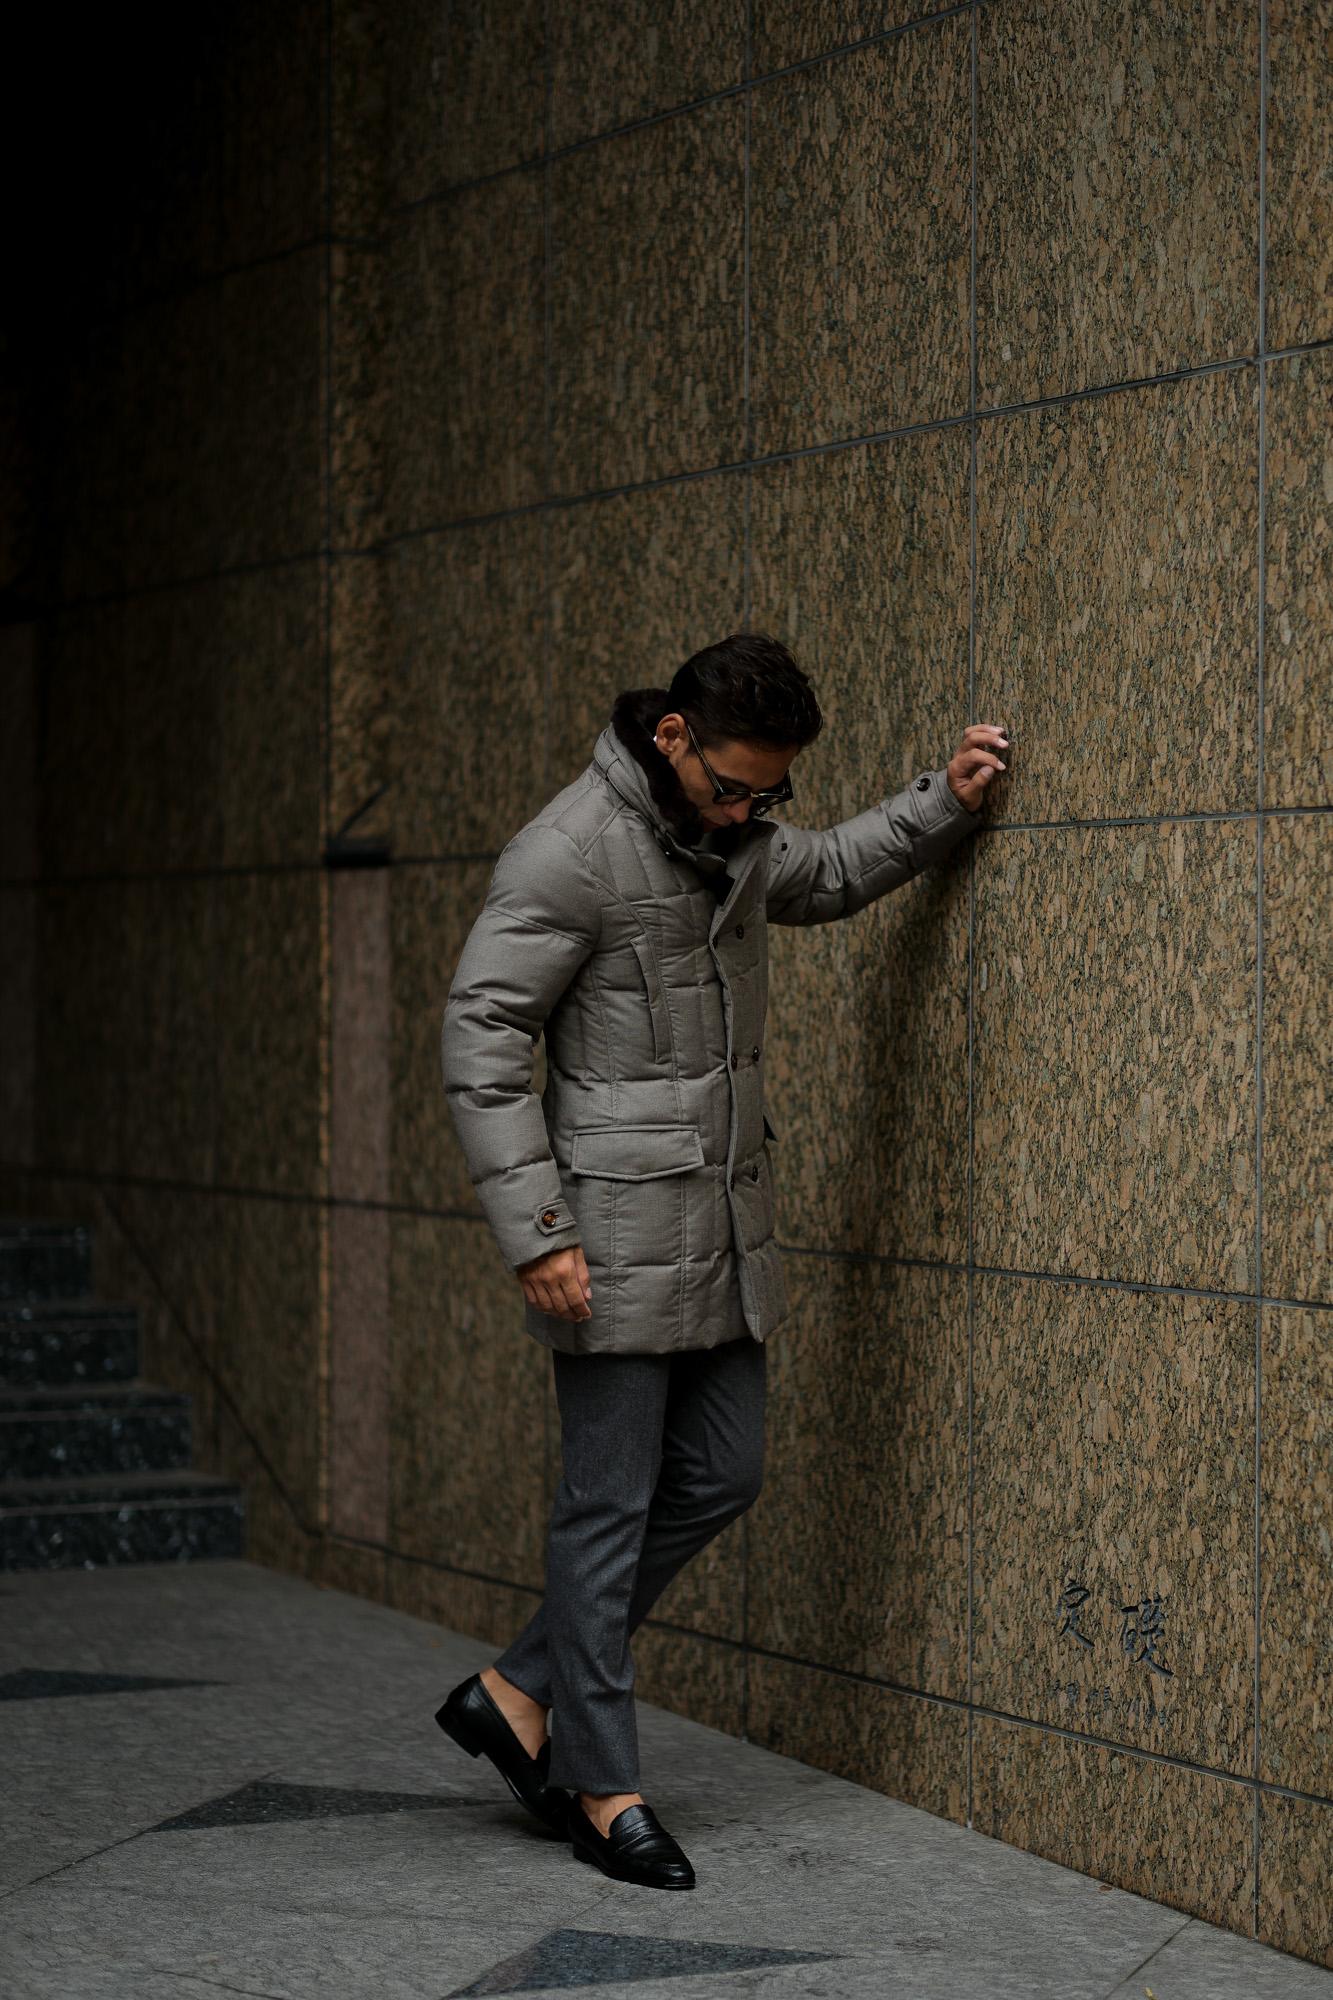 MOORER (ムーレー) MORRIS-L (モーリス) LoroPiana (ロロピアーナ) ウールカシミア ダブルブレスト ダウン コート BEIGE (ベージュ) Made in italy (イタリア製) 2018 秋冬新作 愛知 名古屋 alto e dirtto アルトエデリット altoediritto  42,44,46,48,50,52,54